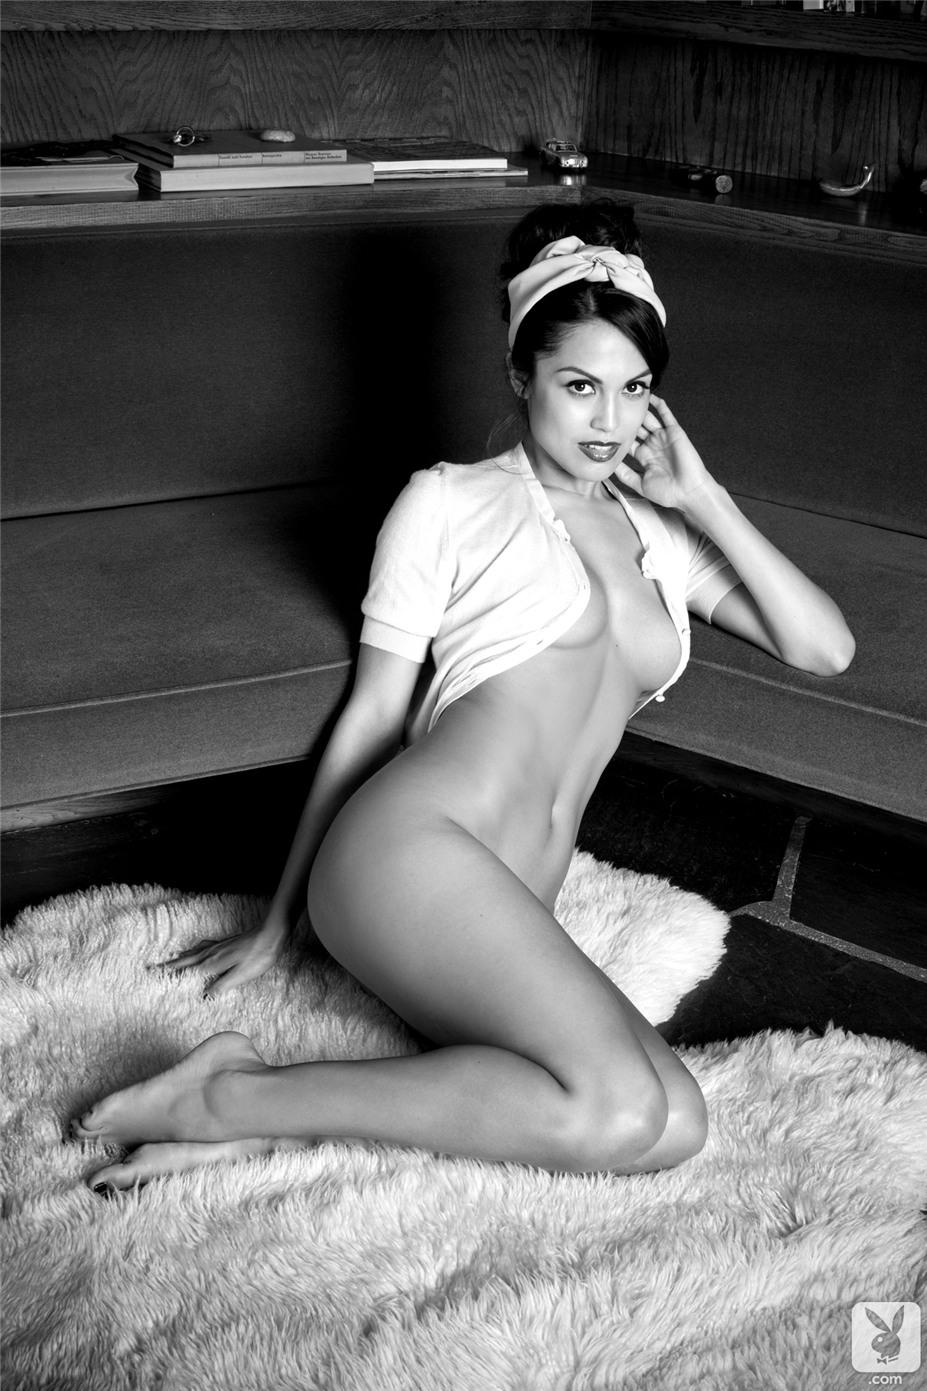 Девушка 2013 года Ракель Помплан / Raquel Pomplun - Playboy Playmate of the Year 2013